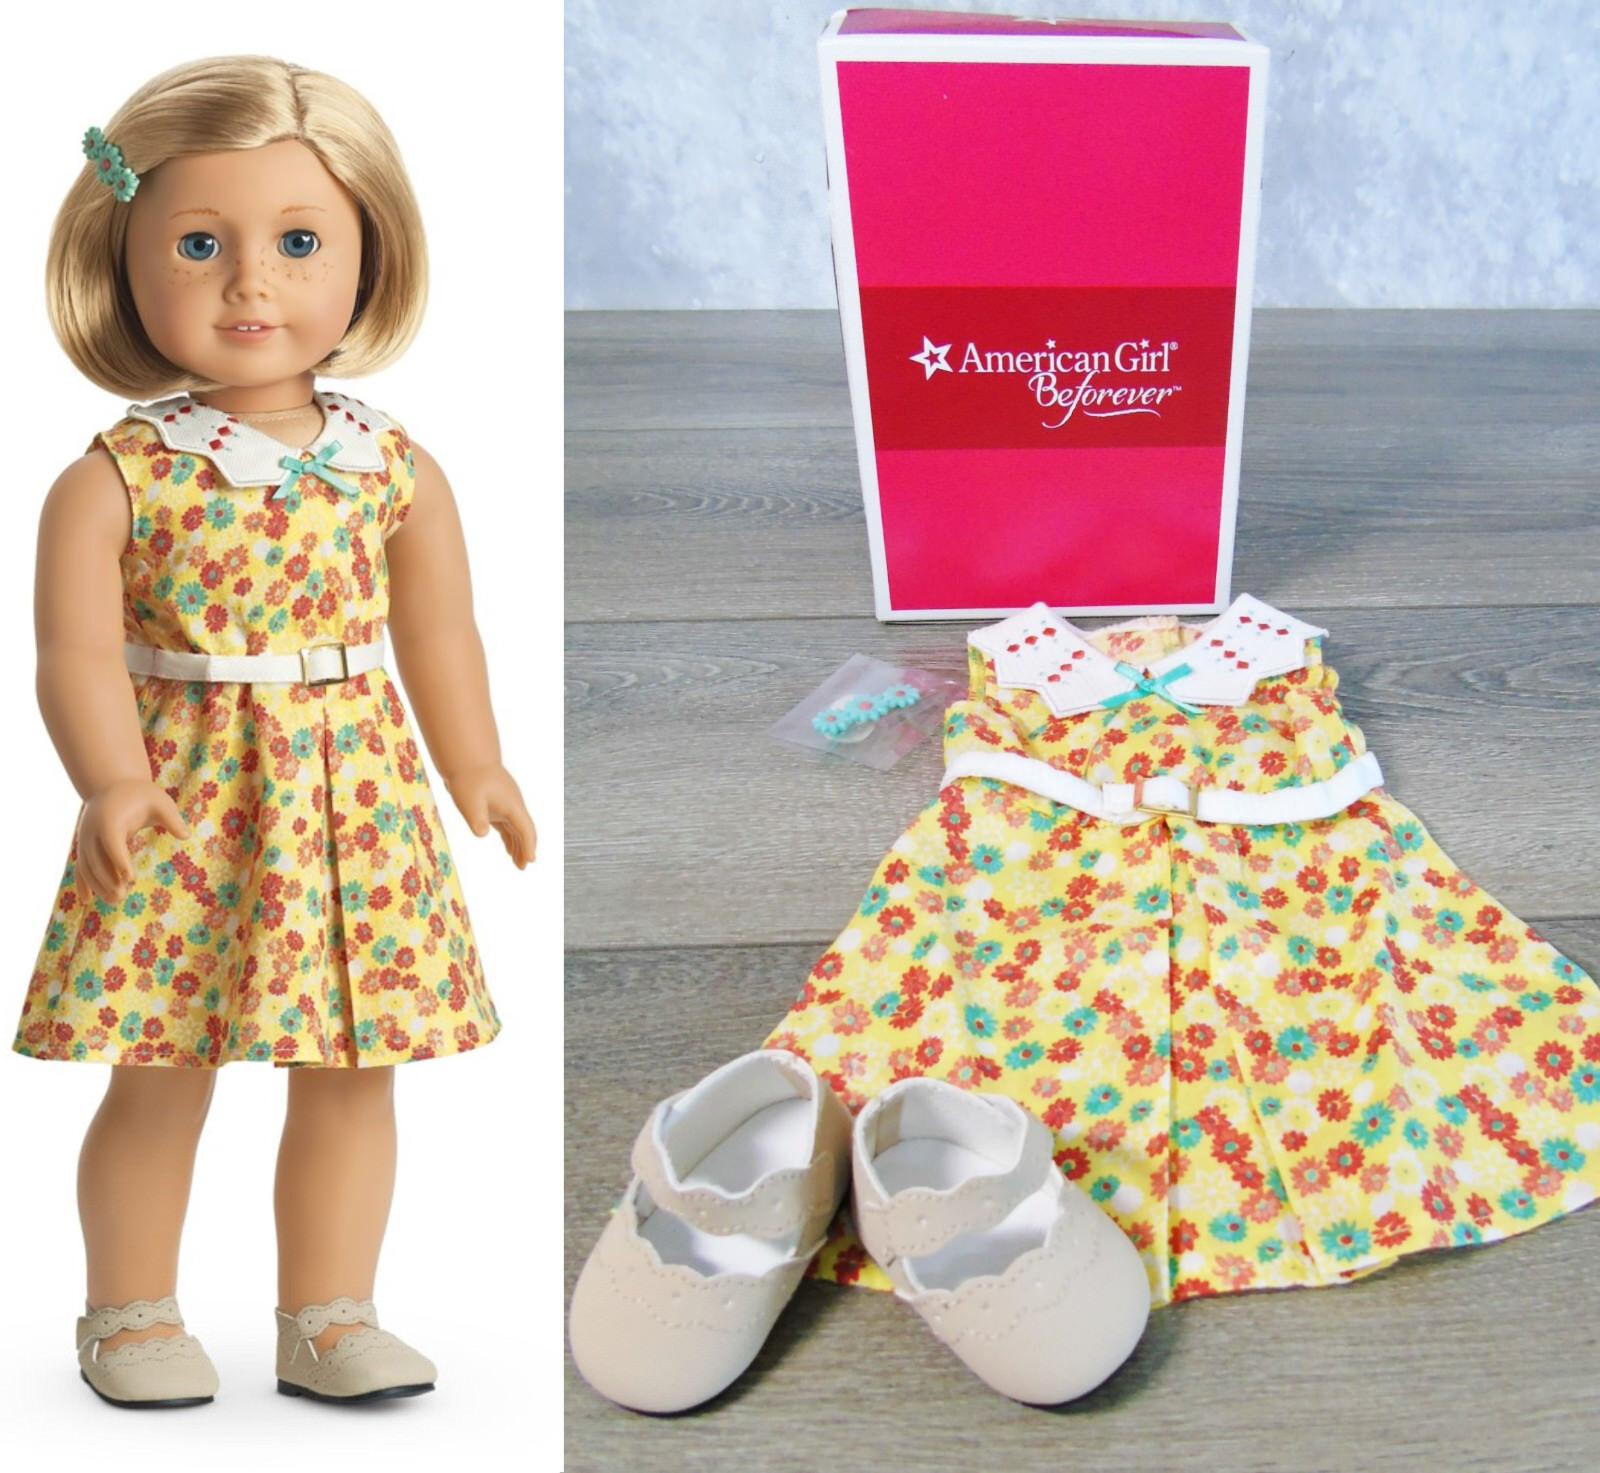 Nuovo American Girl Bambola Abgreeliamento  Kit Floreale da Completo Sautope Belt  costo effettivo